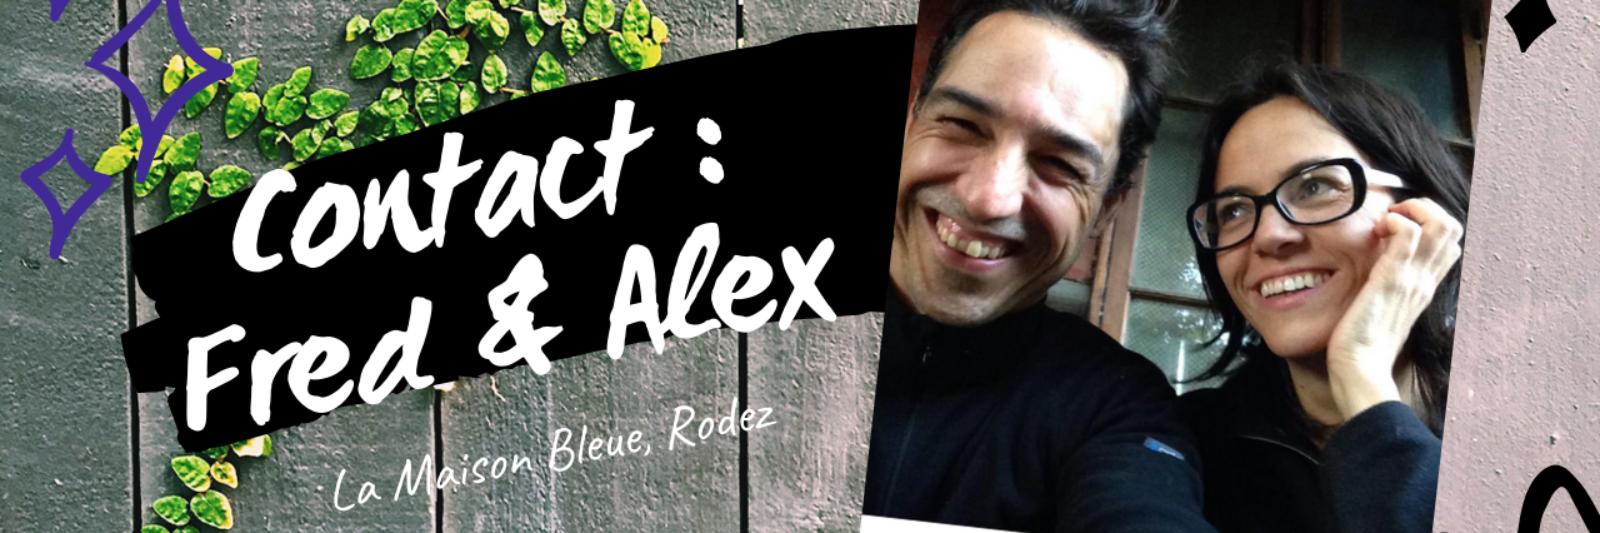 Contact La Maison bleue à Rodez